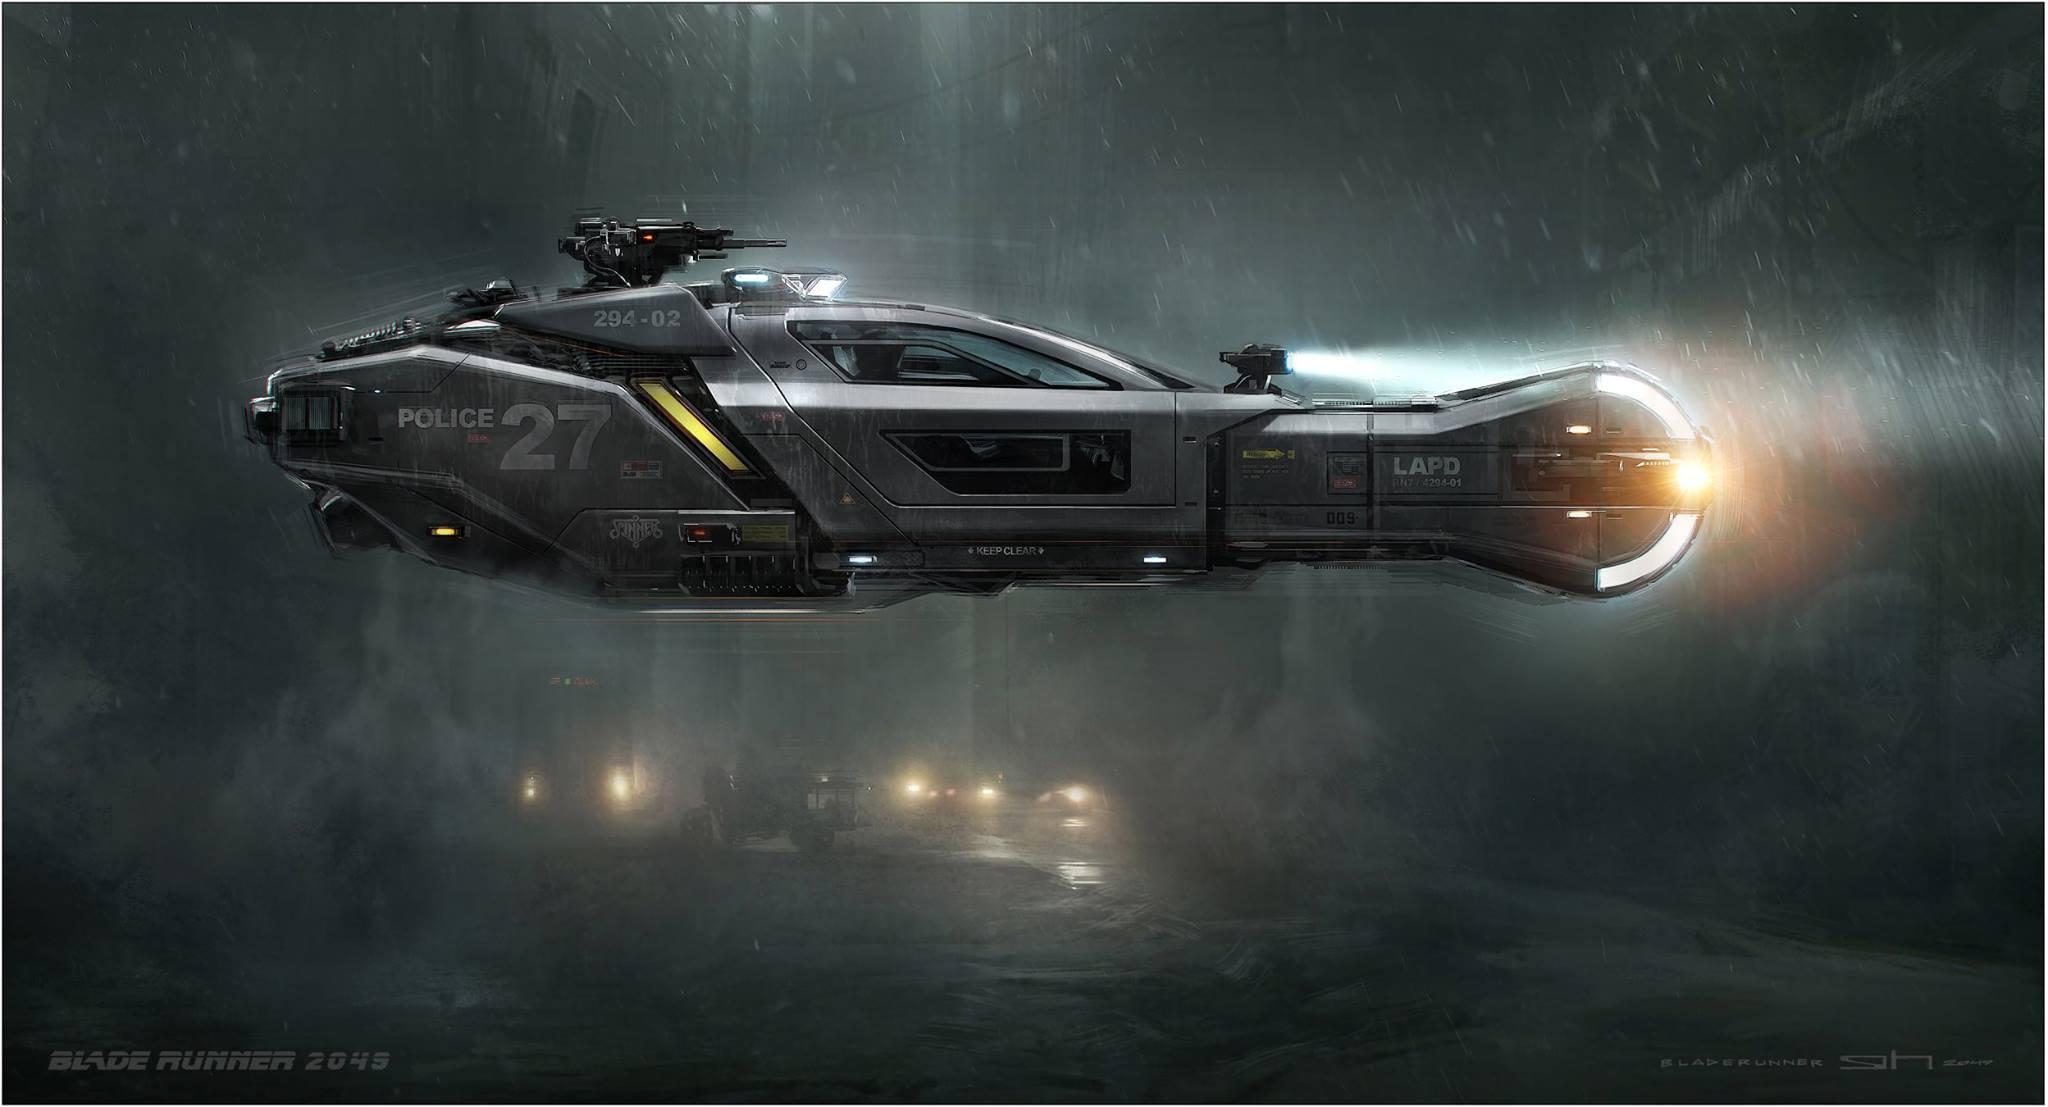 Blade Runner 2049 Conceptual Art